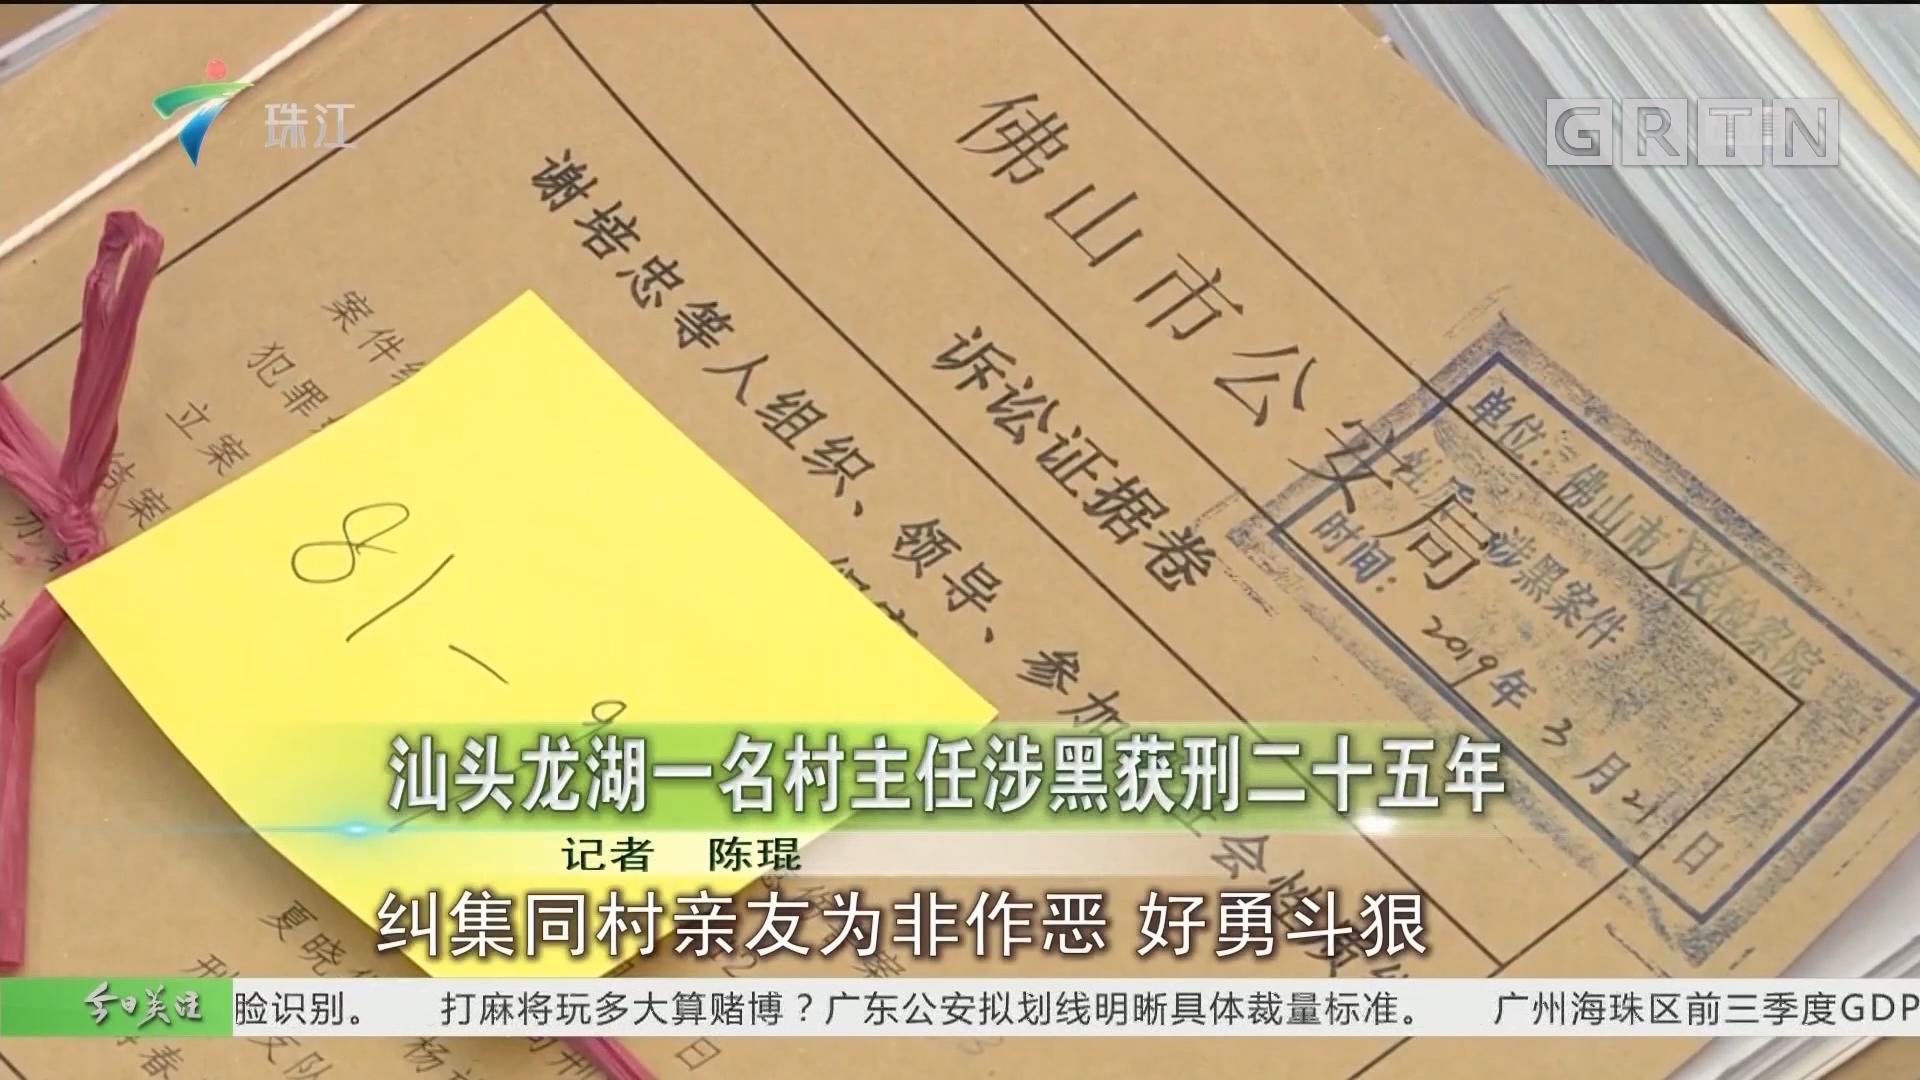 汕头龙湖一名村主任涉黑获刑二十五年